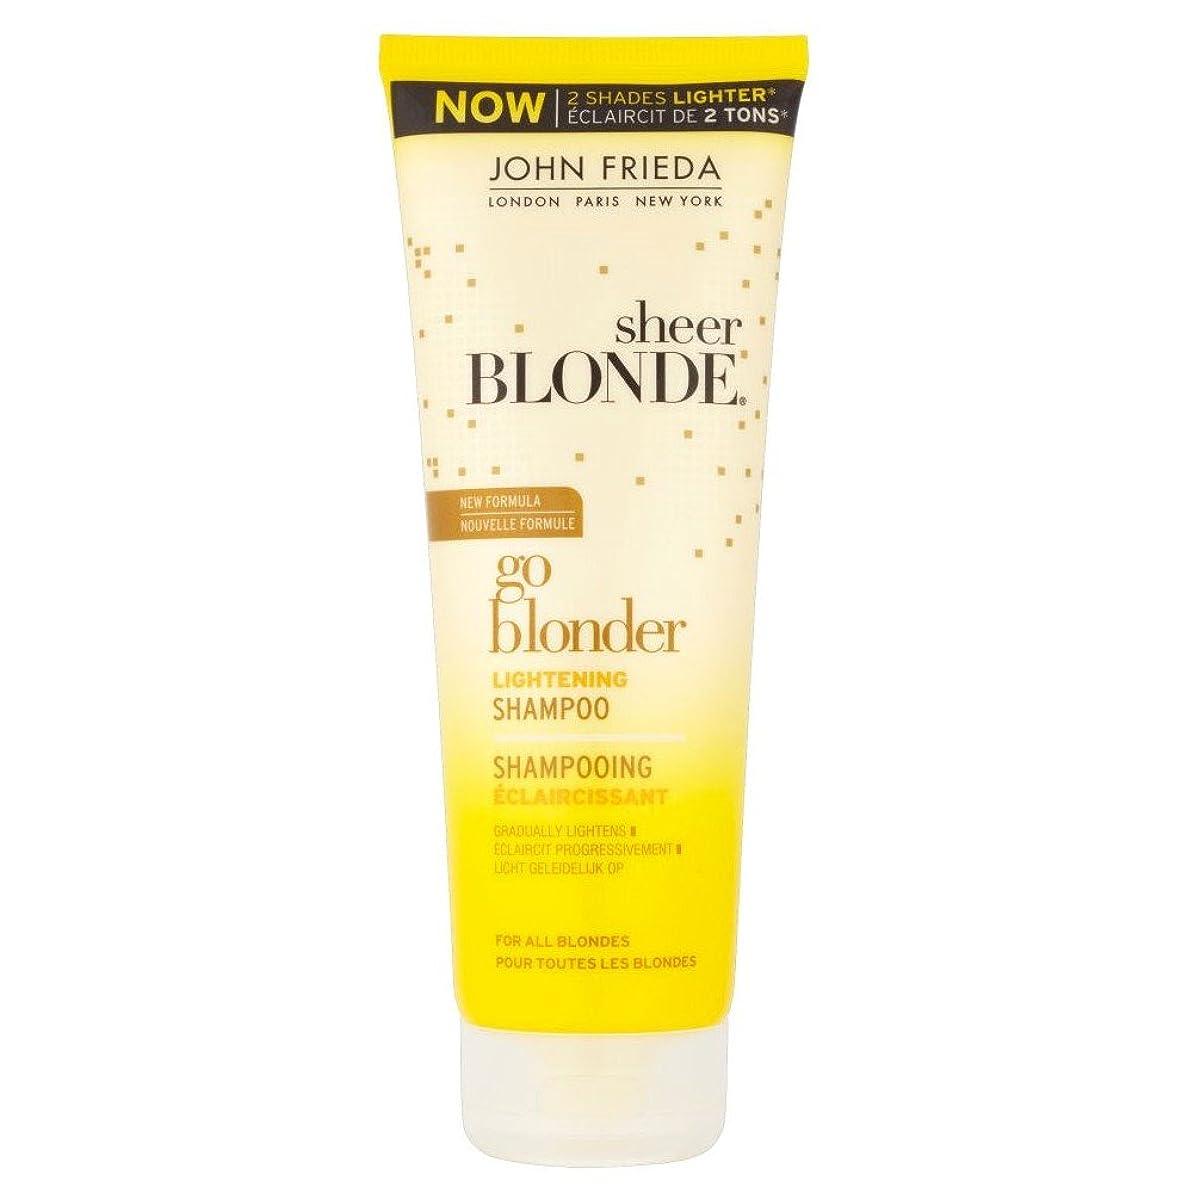 滑り台征服する開業医John Frieda Sheer Blonde Go Blonder Shampoo (250ml) ジョン?フリーダ薄手のブロンド囲碁blonderシャンプー( 250ミリリットル) [並行輸入品]